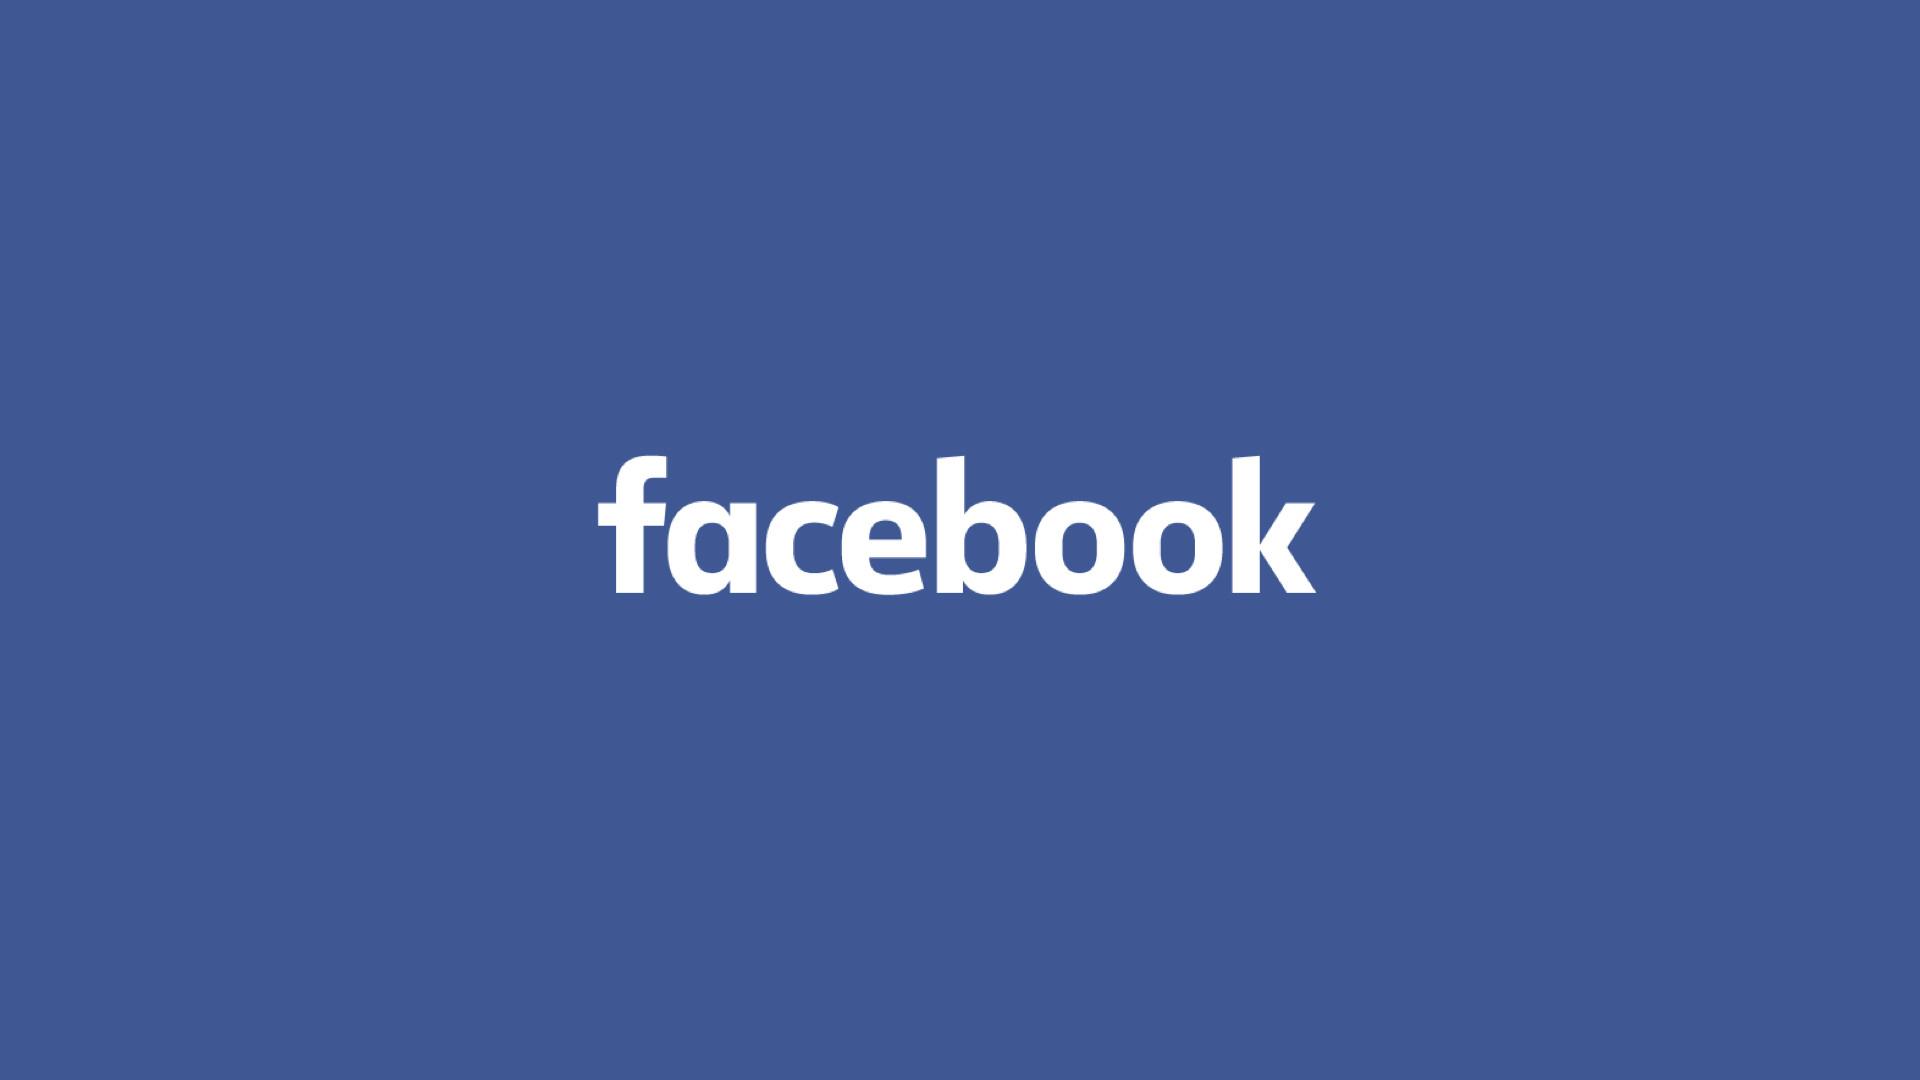 Cách tạo nhóm trên facebook phiên bản mới nhất 2020   VioCompany